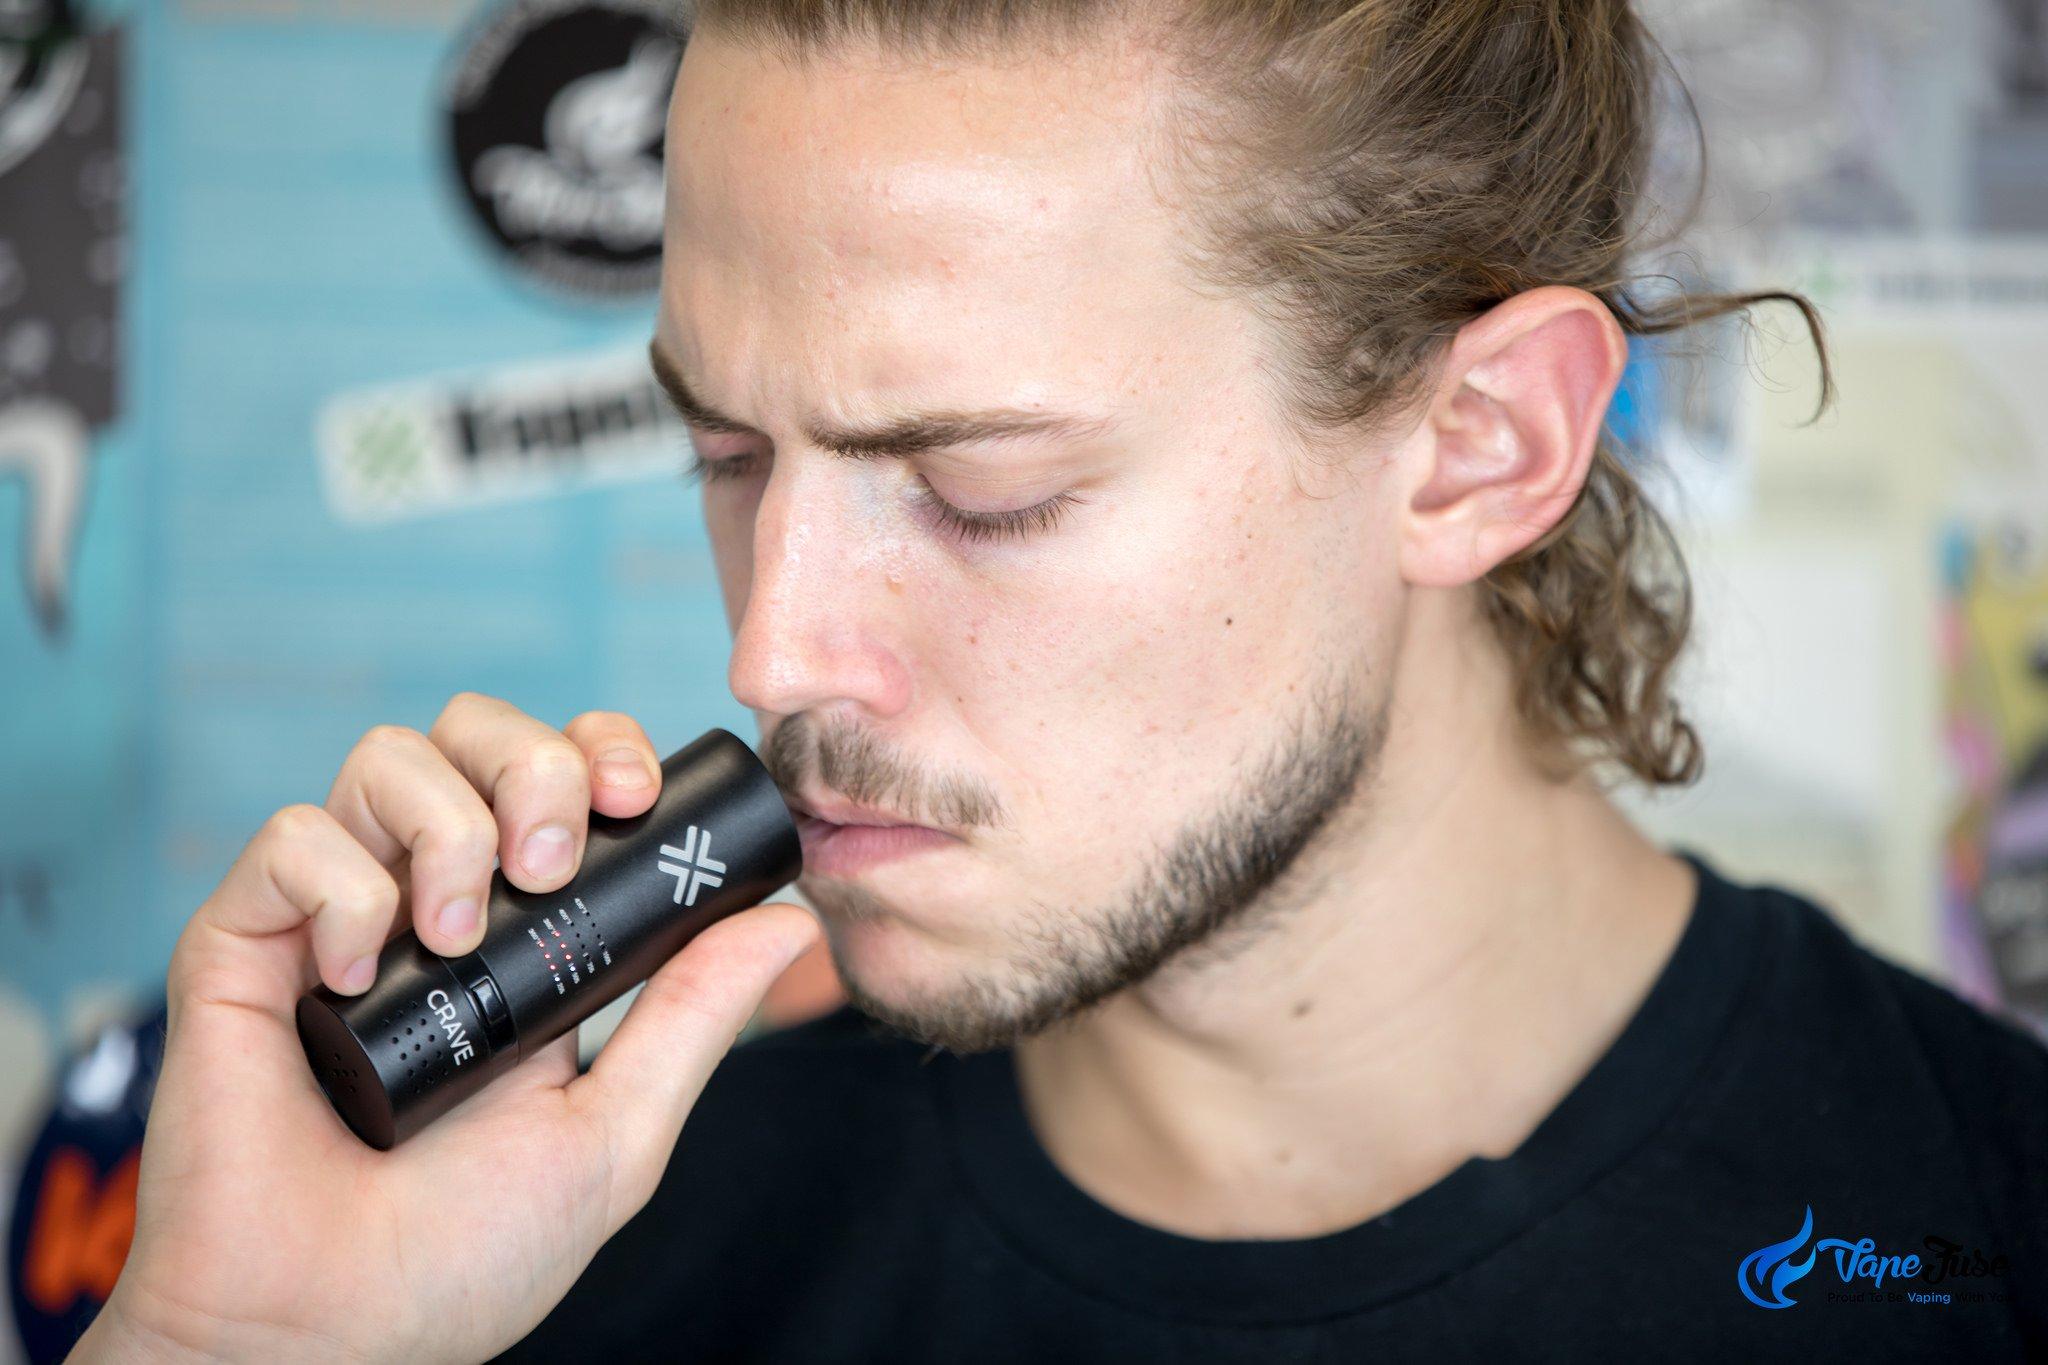 Crave Cloud herbal vaporizer